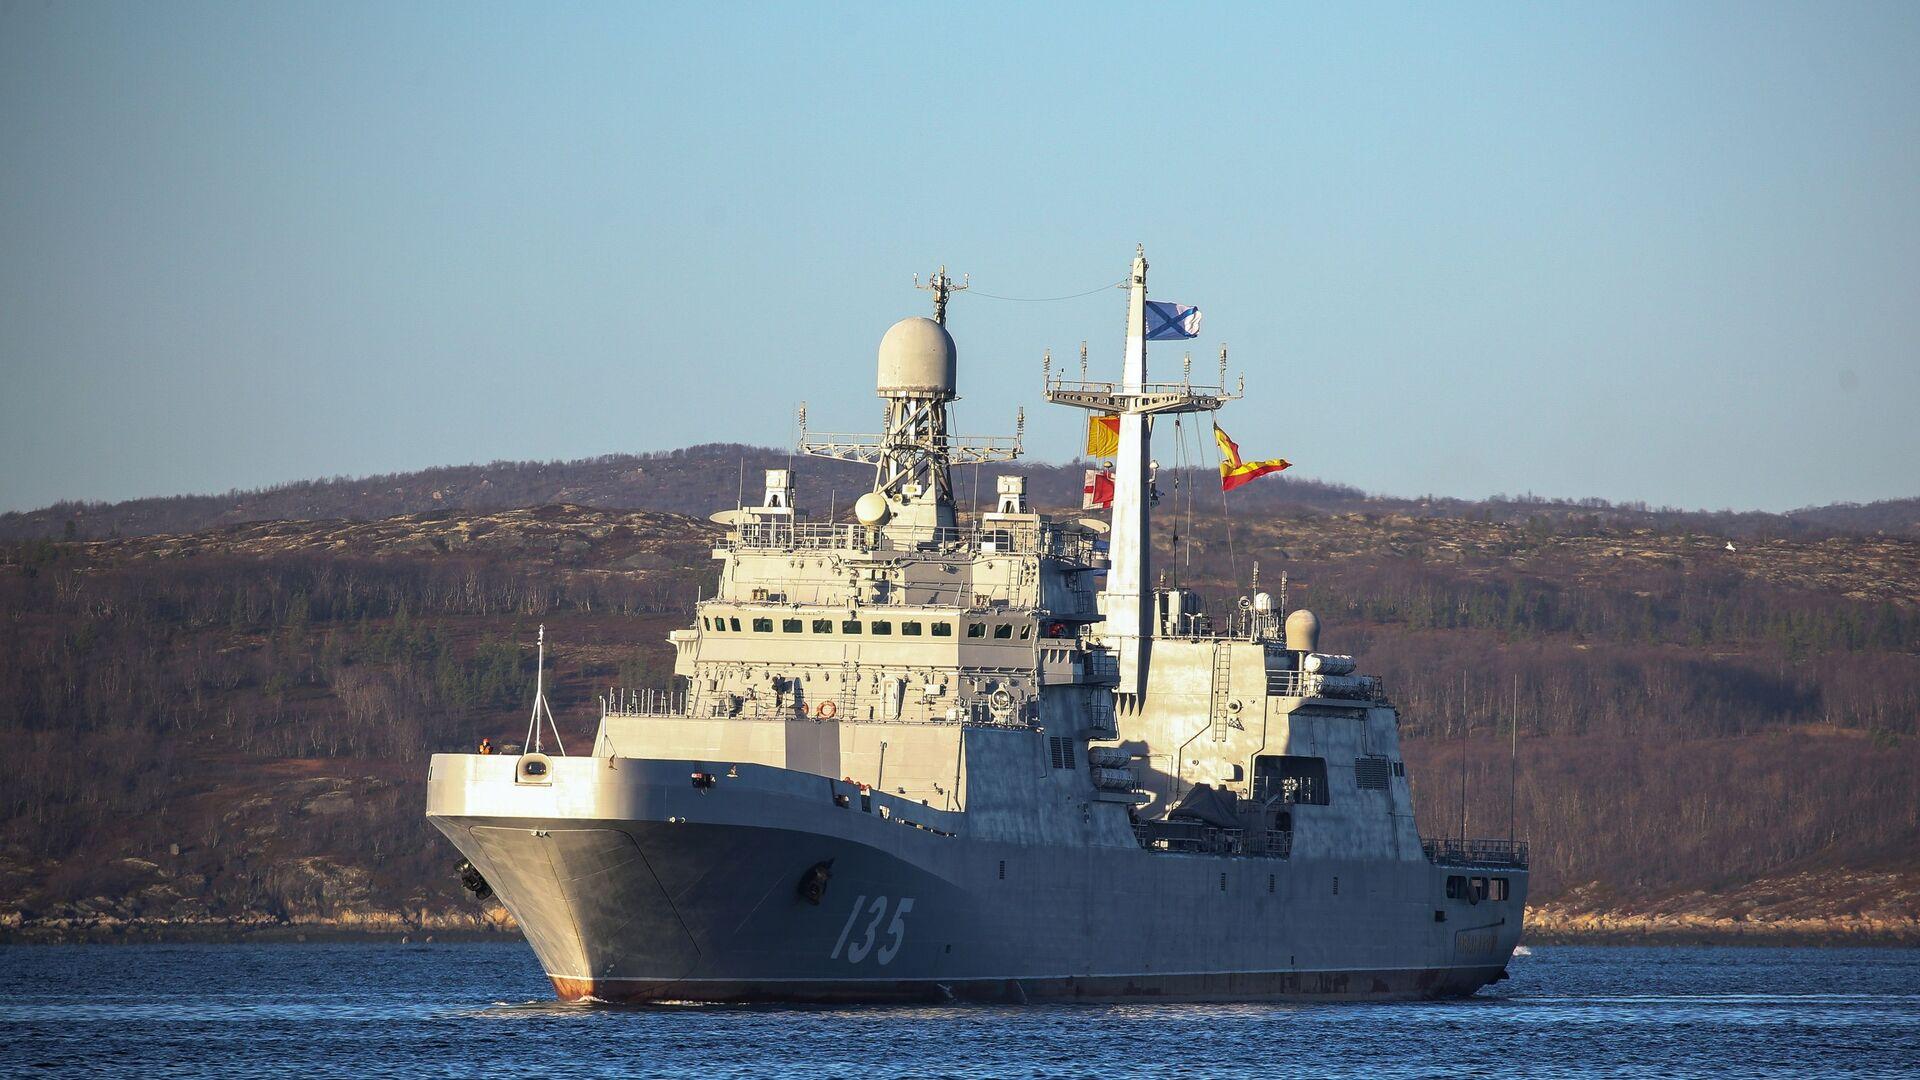 Большой десантный корабль Иван Грен - РИА Новости, 1920, 23.12.2020